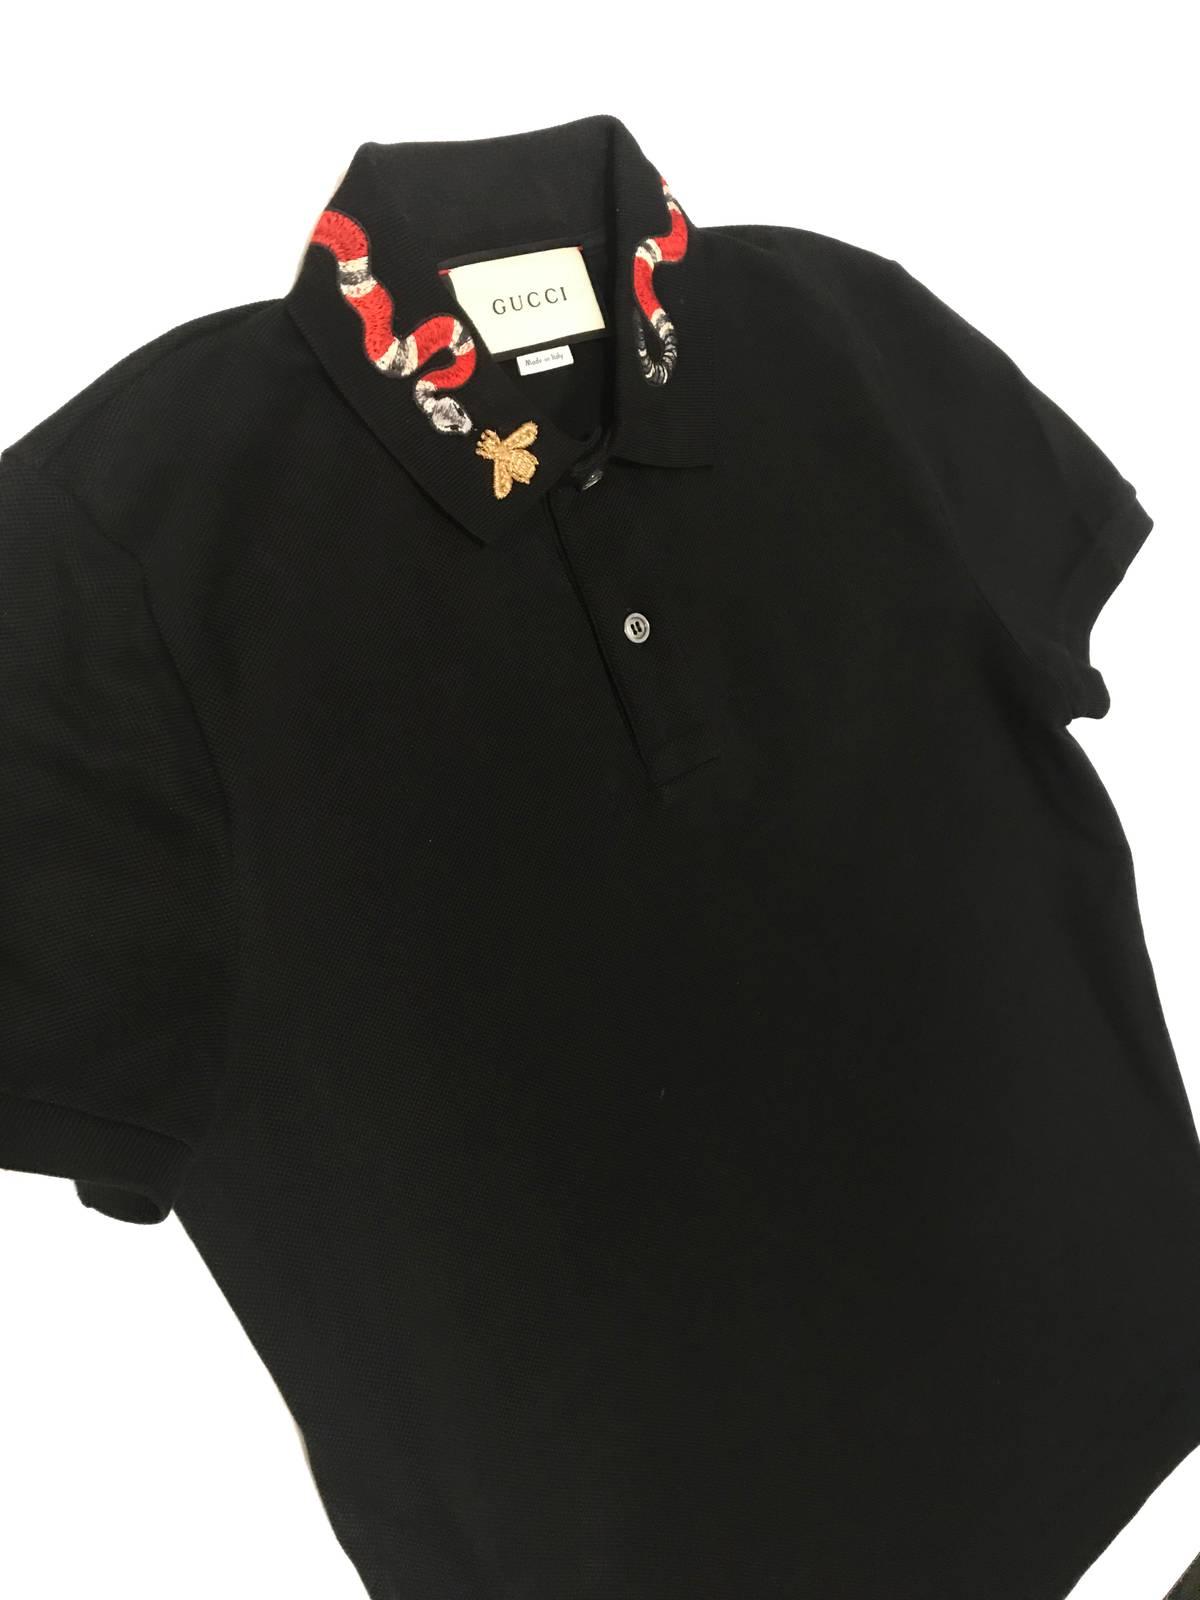 f4a815ed9ba Gucci Polo Shirts Cheap